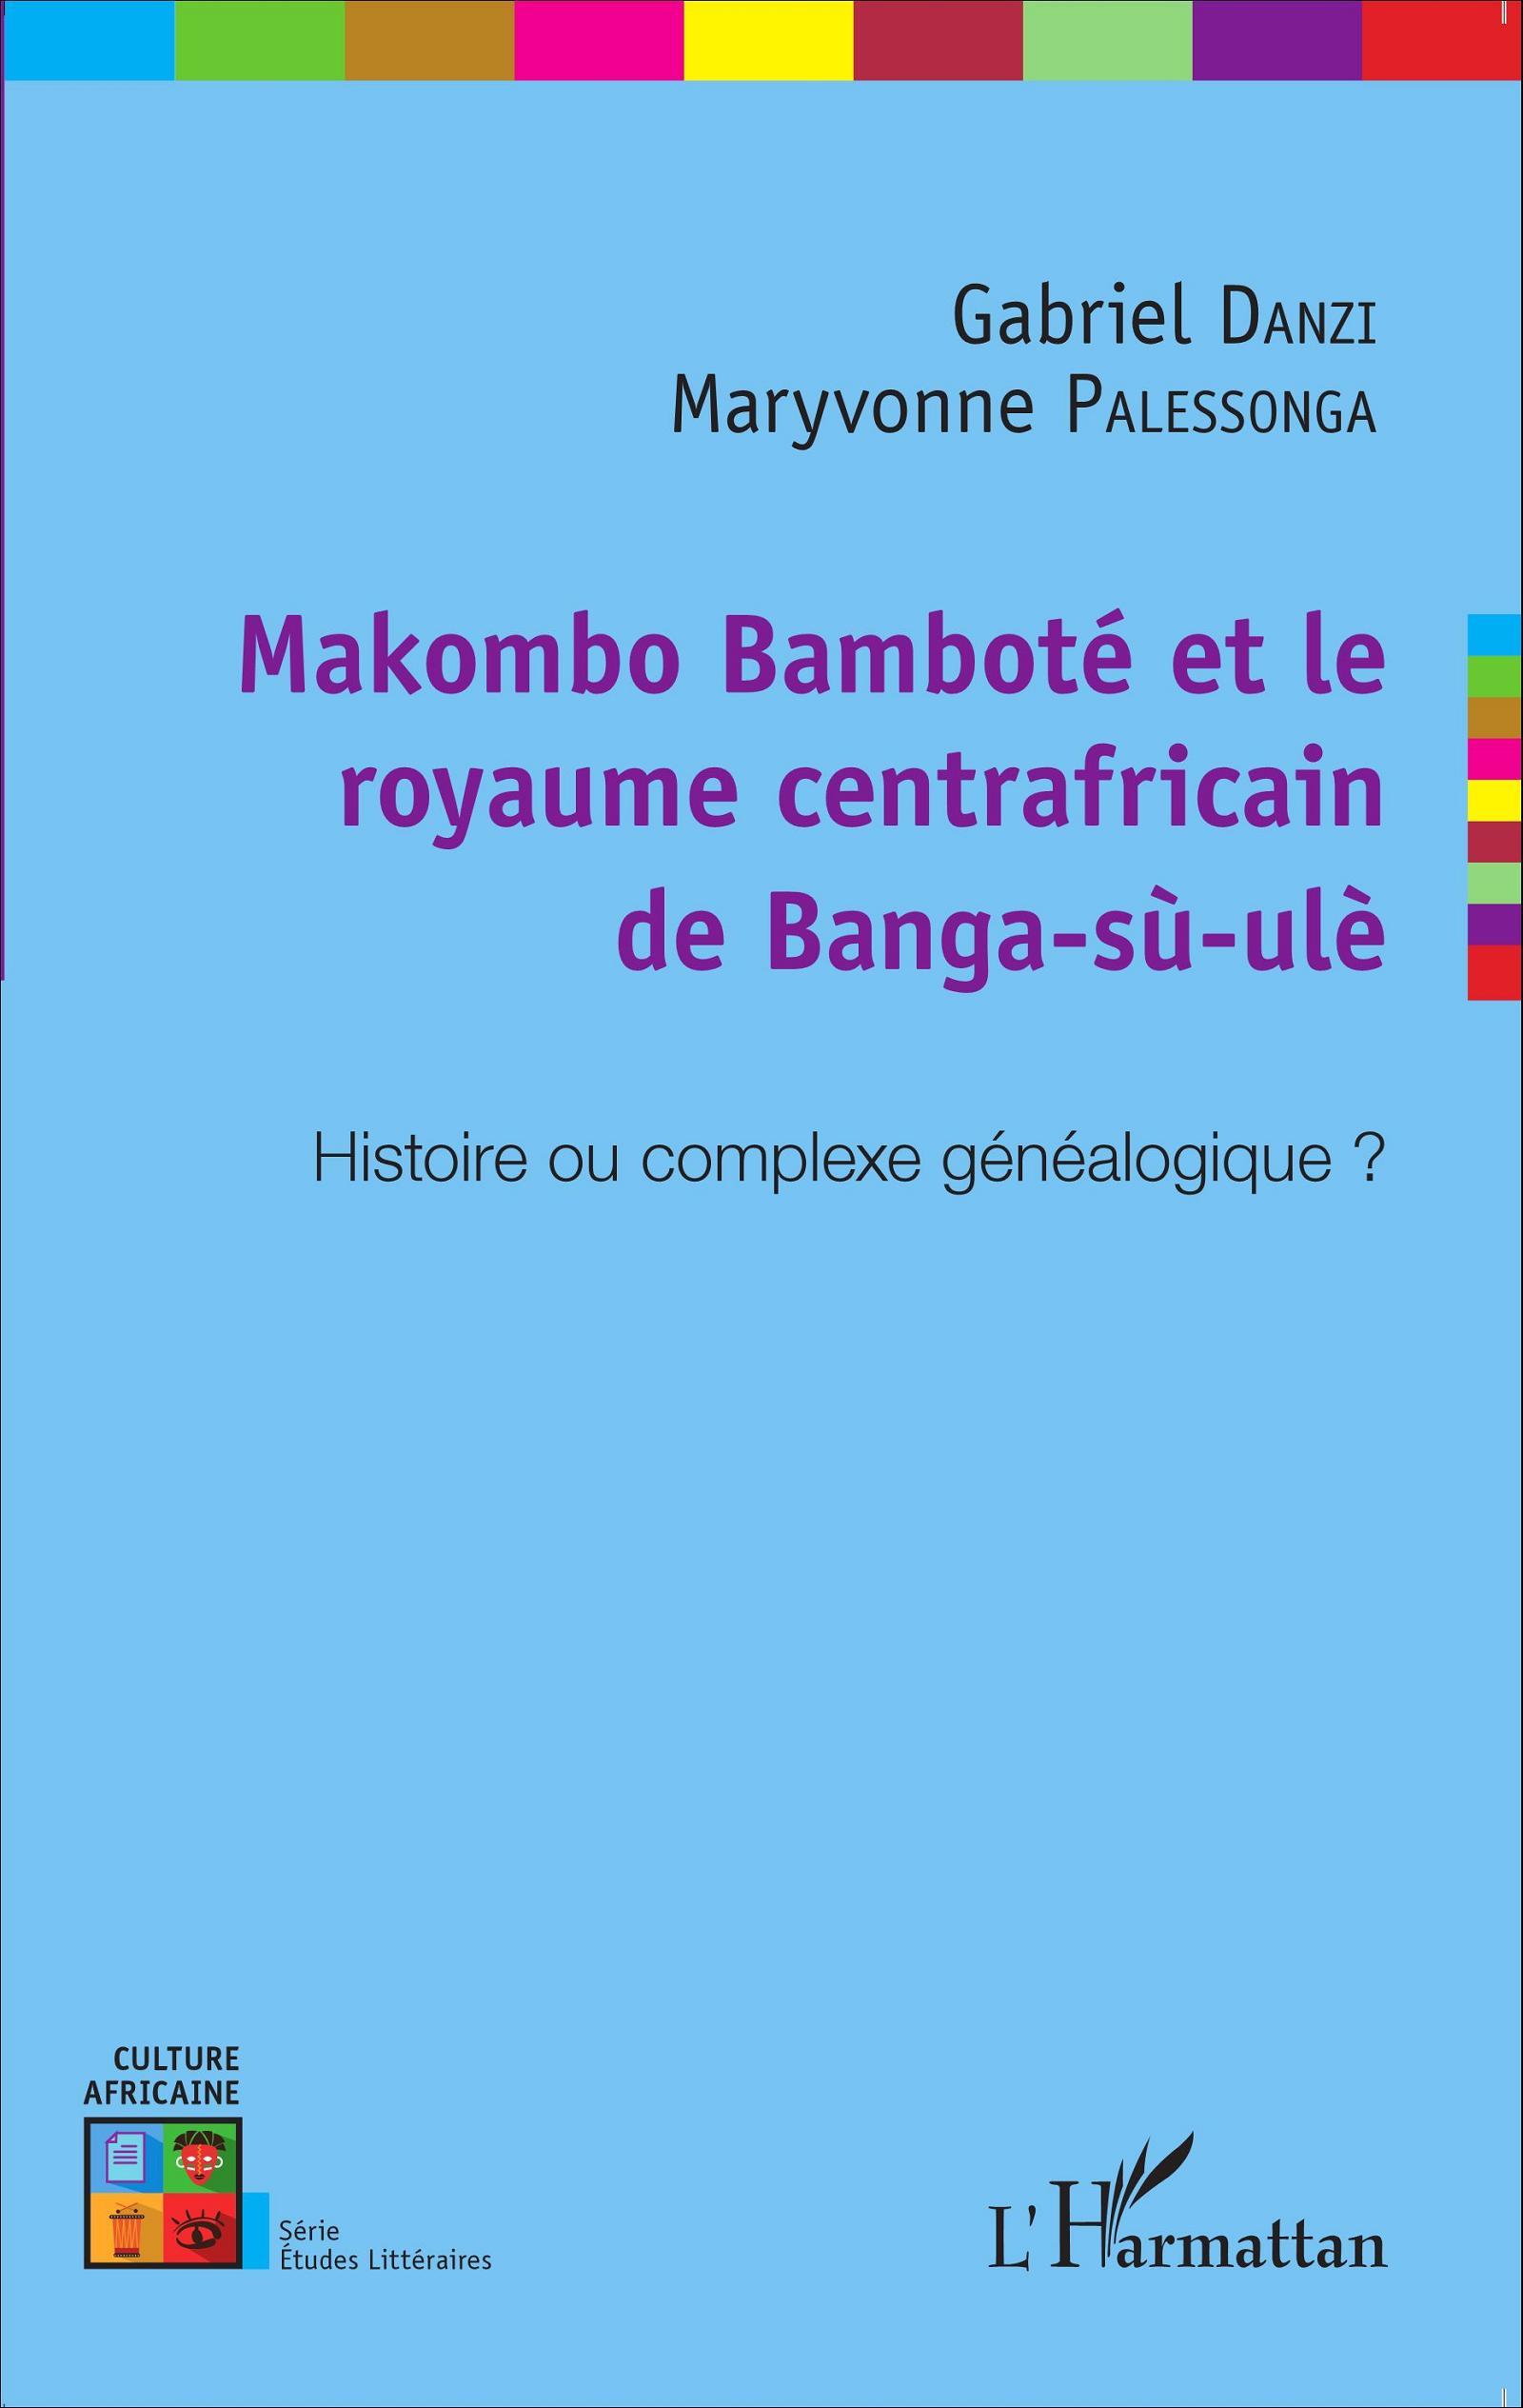 G. Danzi et M. Palessonga, Makombo Bamboté et le royaume centrafricain de Banga-sù-ulè